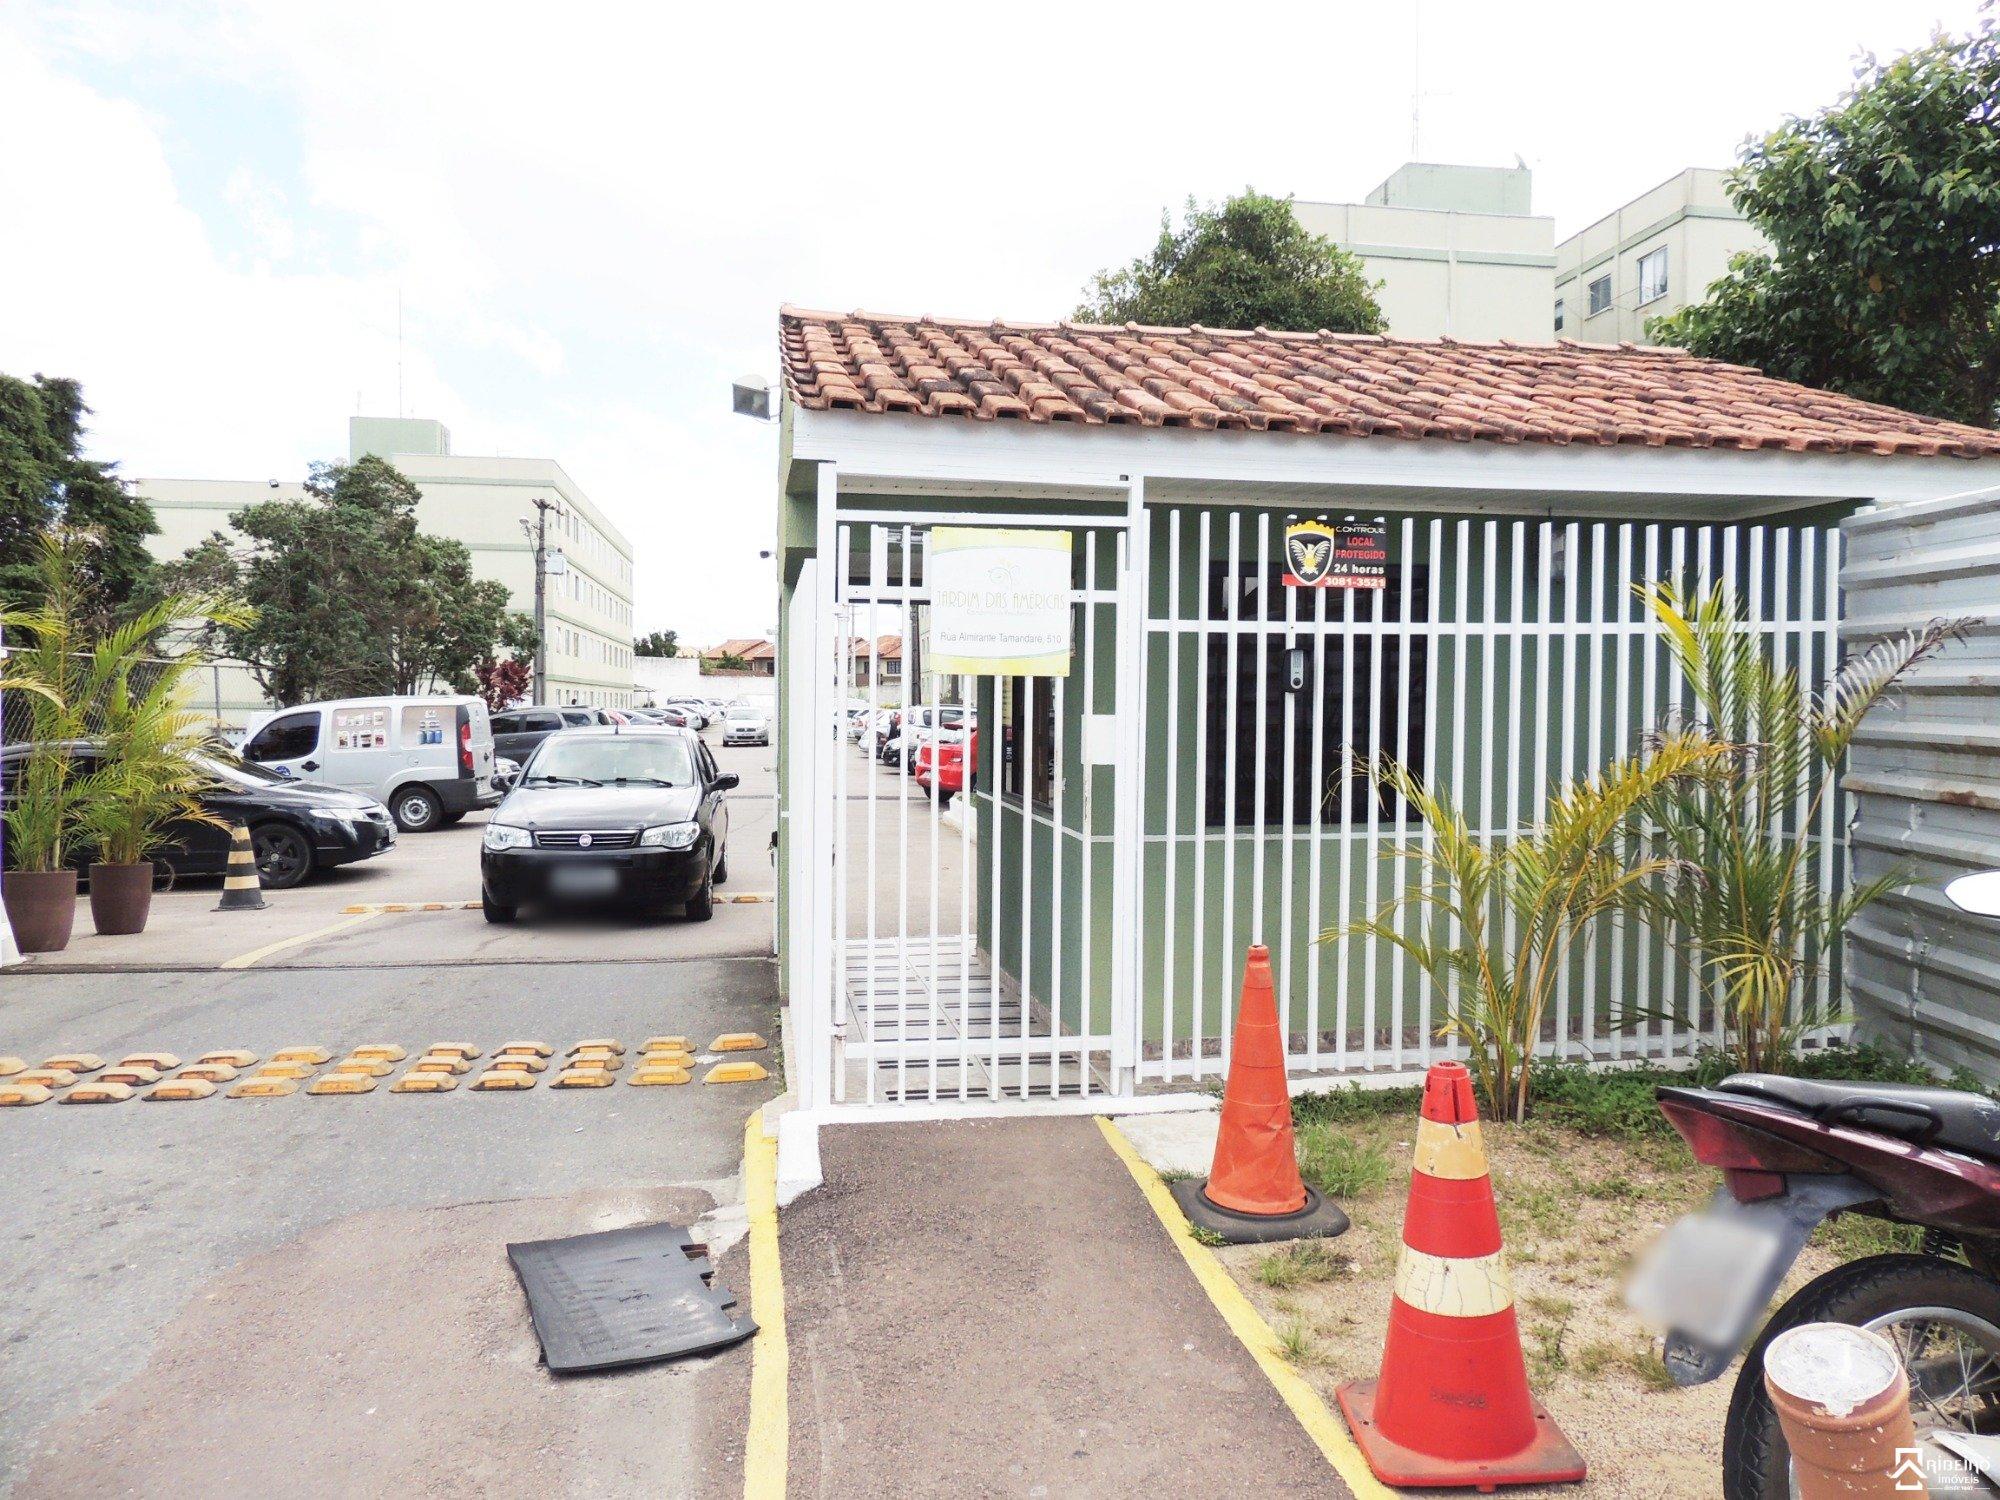 REF. 8114 -  São José Dos Pinhais - Rua  Almirante Tamandare, 510 - Apto 18 - Bl 05